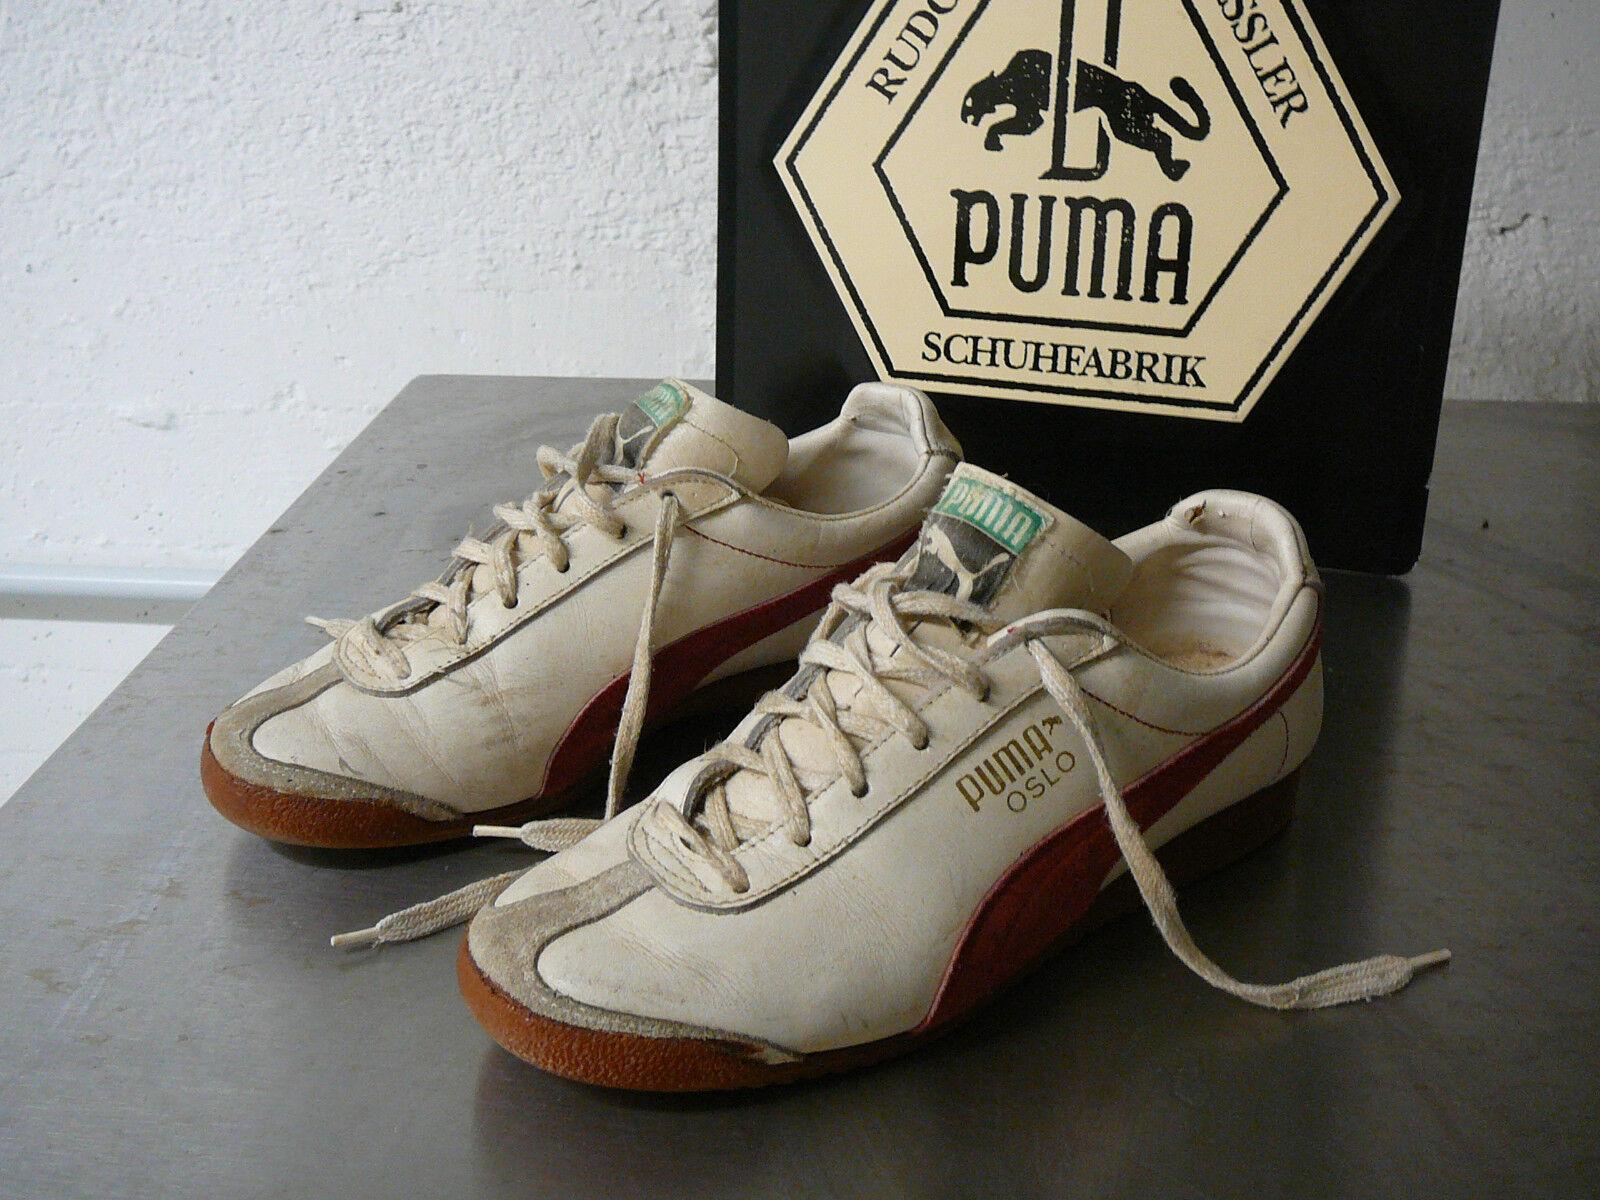 Puma vintage Oslo UK 4,5